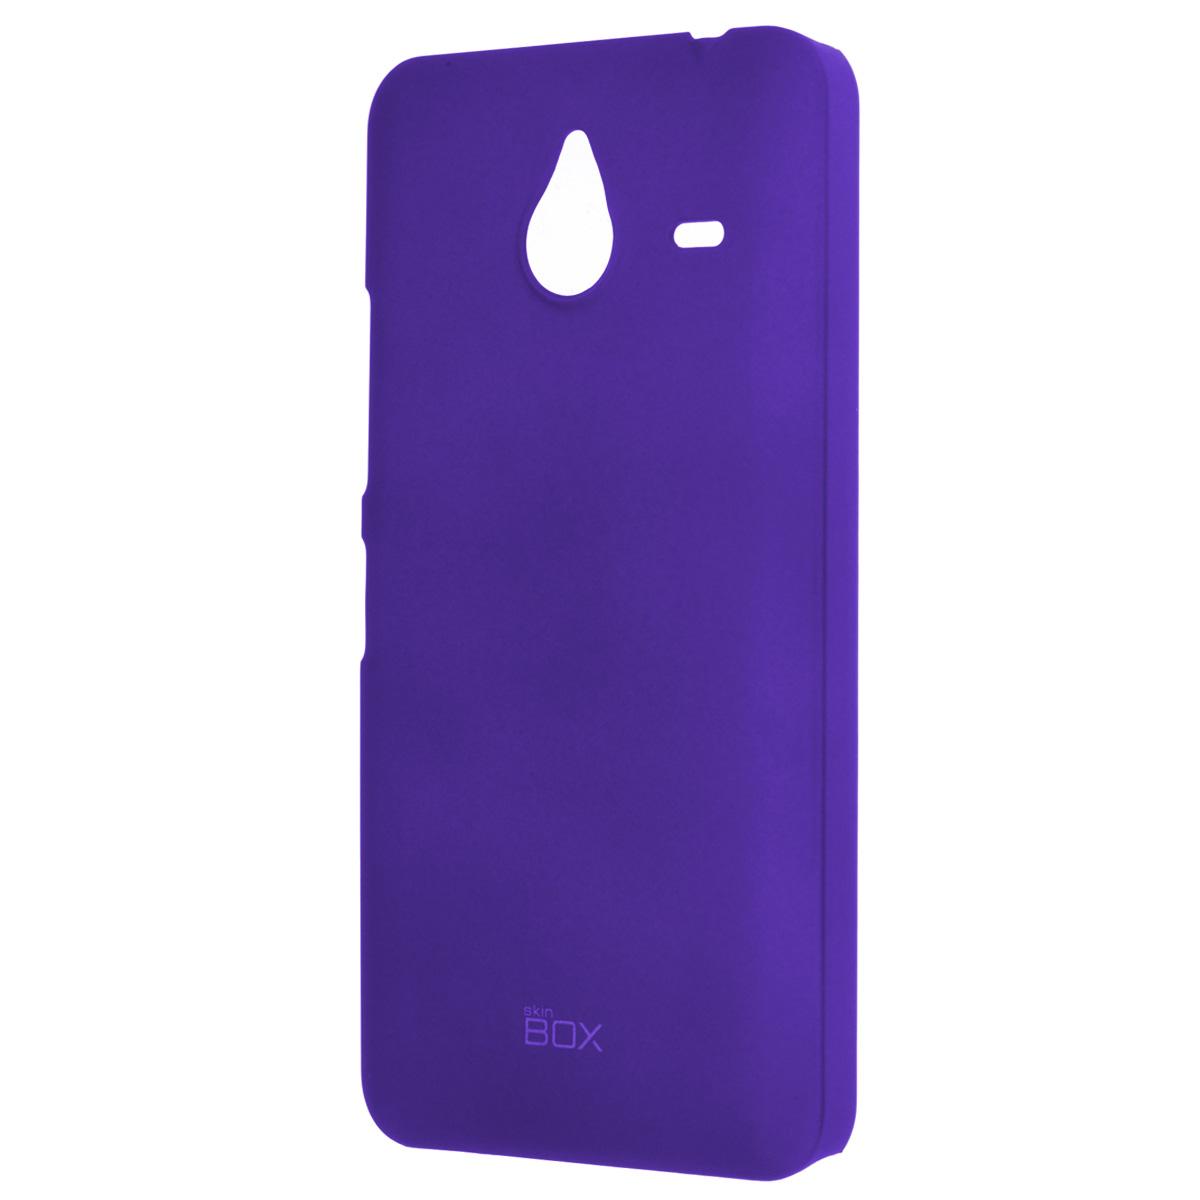 Skinbox Shield 4People чехол для Microsoft Lumia 640XL, BlueT-S-ML640XL-002Накладка Skinbox Shield 4People для Microsoft Lumia 640XL - отличный аксессуар для защиты корпуса вашего смартфона от внешних повреждений, сохраняющий размеры устройства и обеспечивающий удобство работы с ним. Устойчивый к истиранию пластик надежно амортизирует мелкие механические воздействия и предотвращает появление царапин или потертостей на корпусе вашего гаджета. В комплект также входит защитная пленка для экрана смартфона.